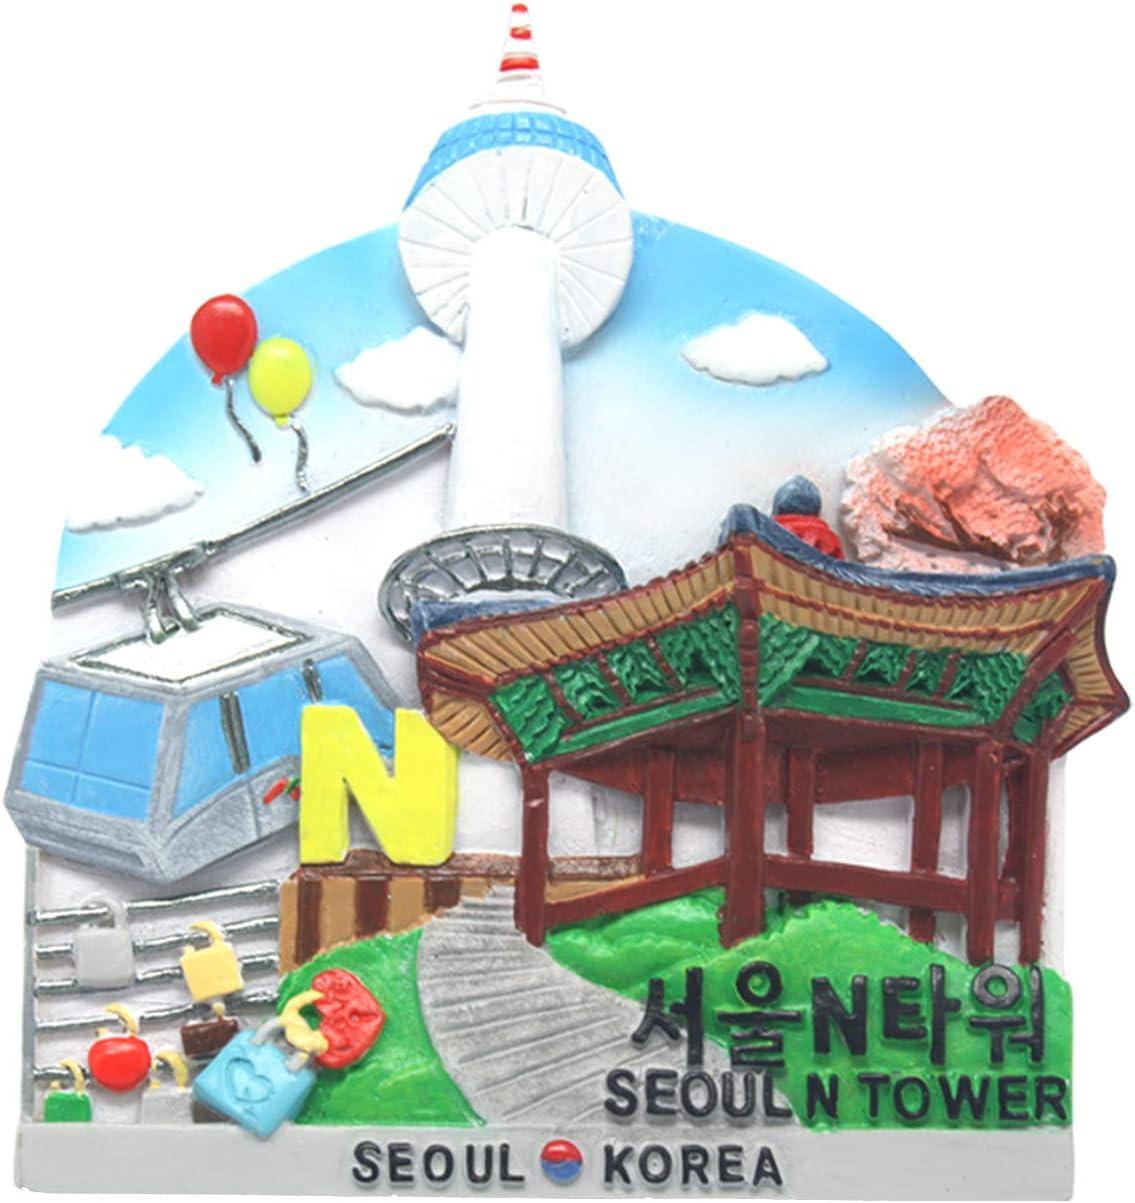 Details about  /9 Pcs Fridge Magnet of Korean Traditional Clothes Hanbok Tourist Travel Souvenir